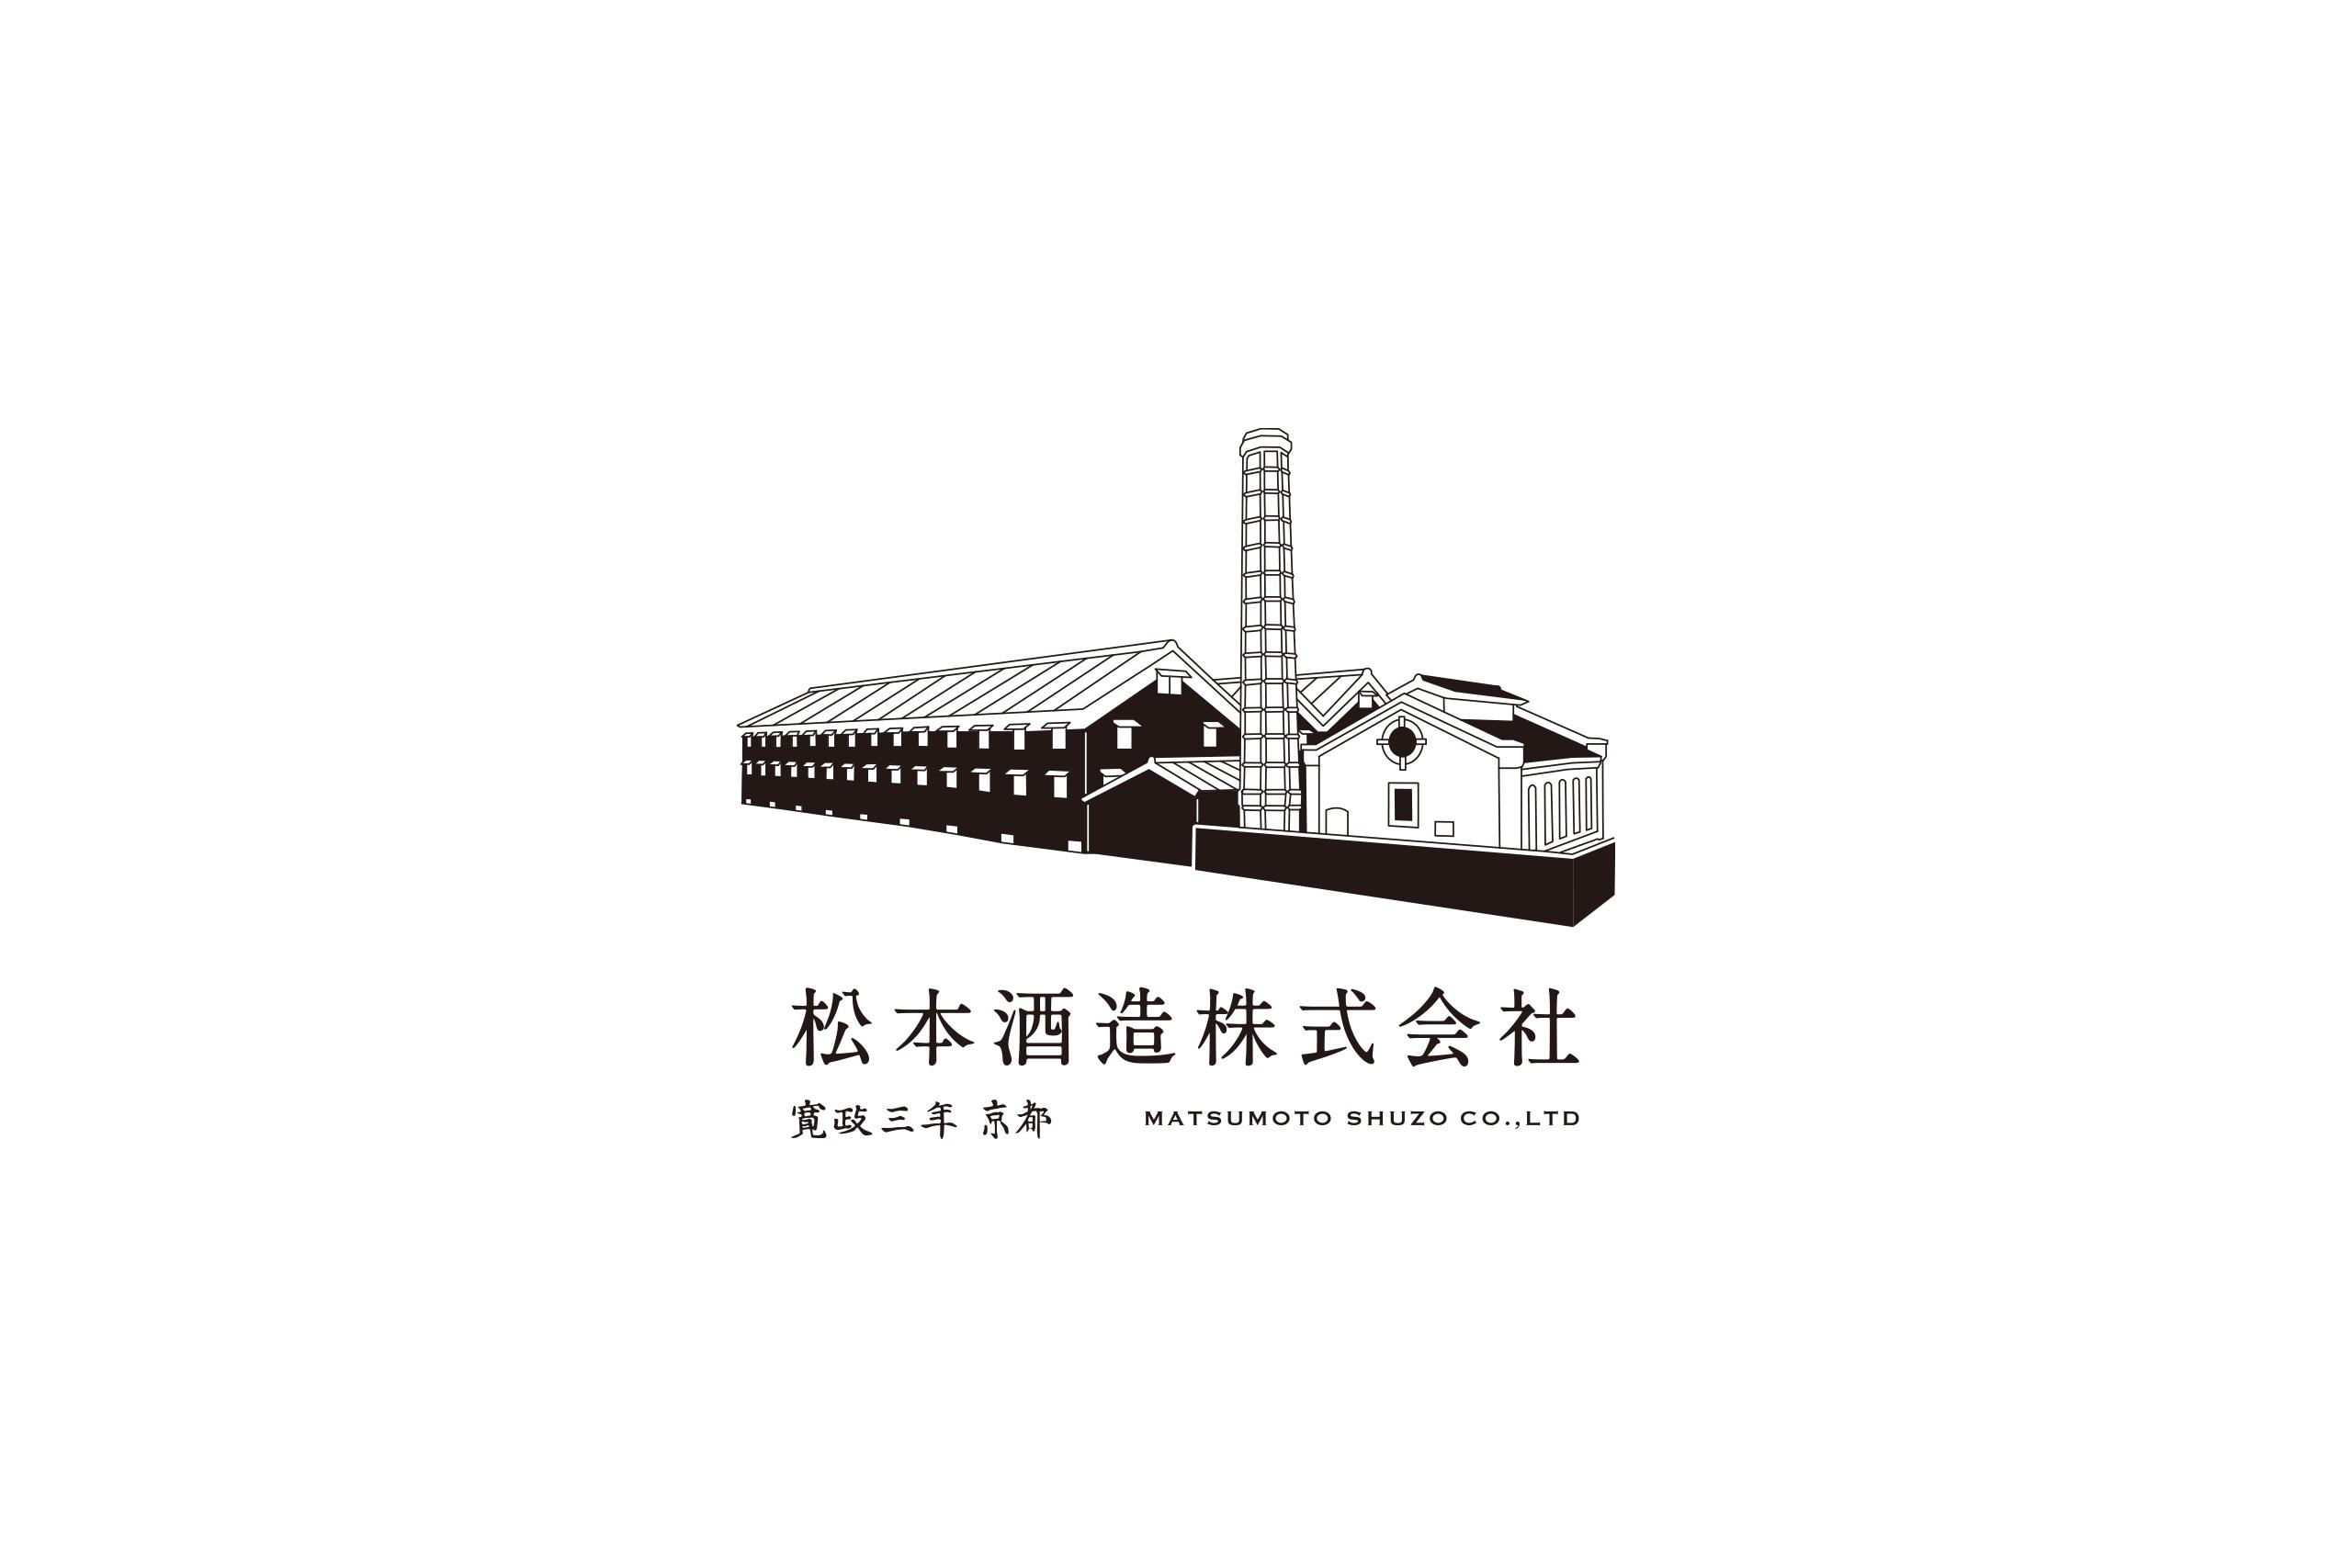 matusmotoshuzo_logo04